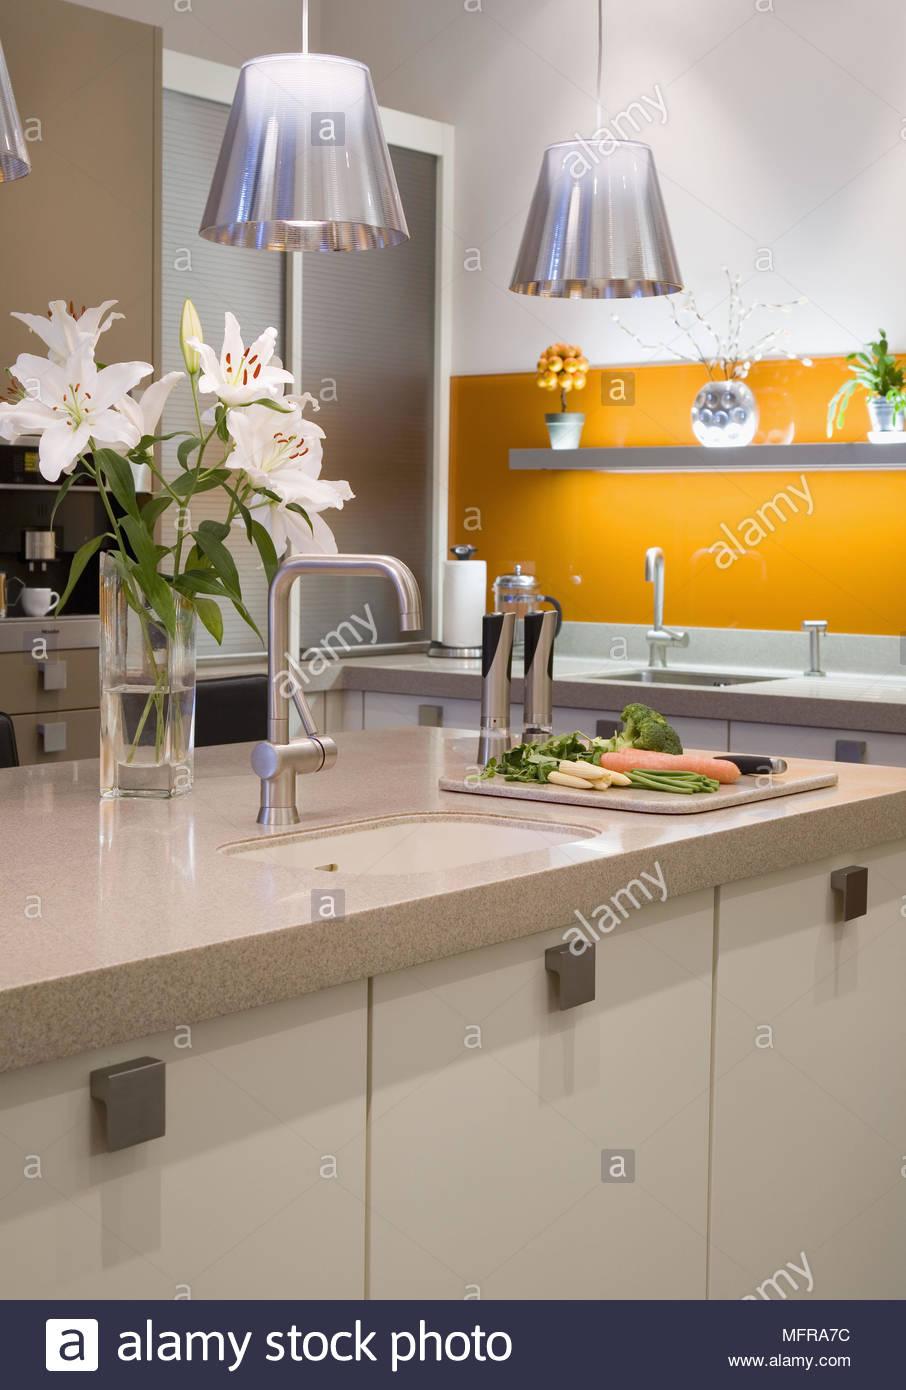 Full Size of Deckenleuchte Küche Landhaus Deckenleuchten Für Küche Led Deckenleuchten Küche Leuchtstoffröhre Deckenleuchte Küche Rustikal Küche Deckenleuchten Küche